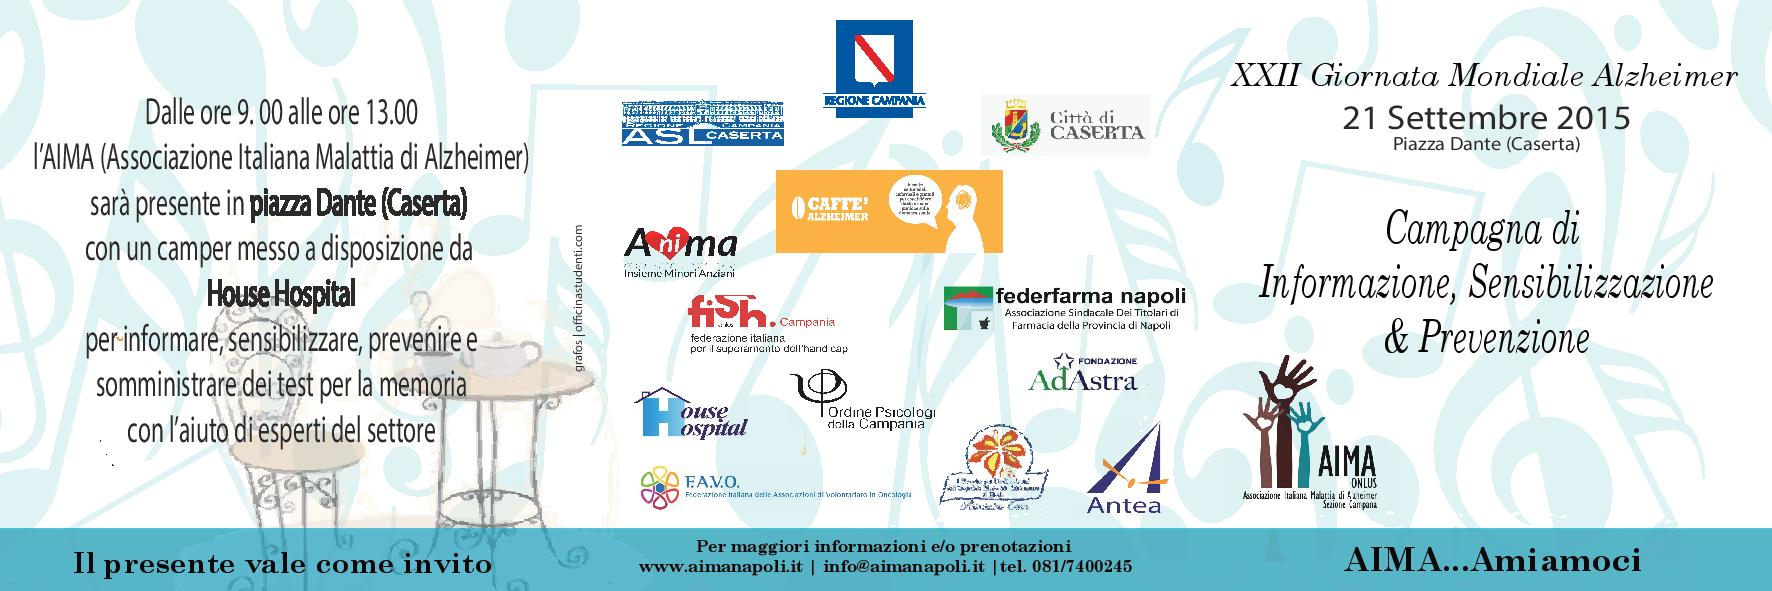 Giornata Mondiale Alzheimer 2015 Caserta